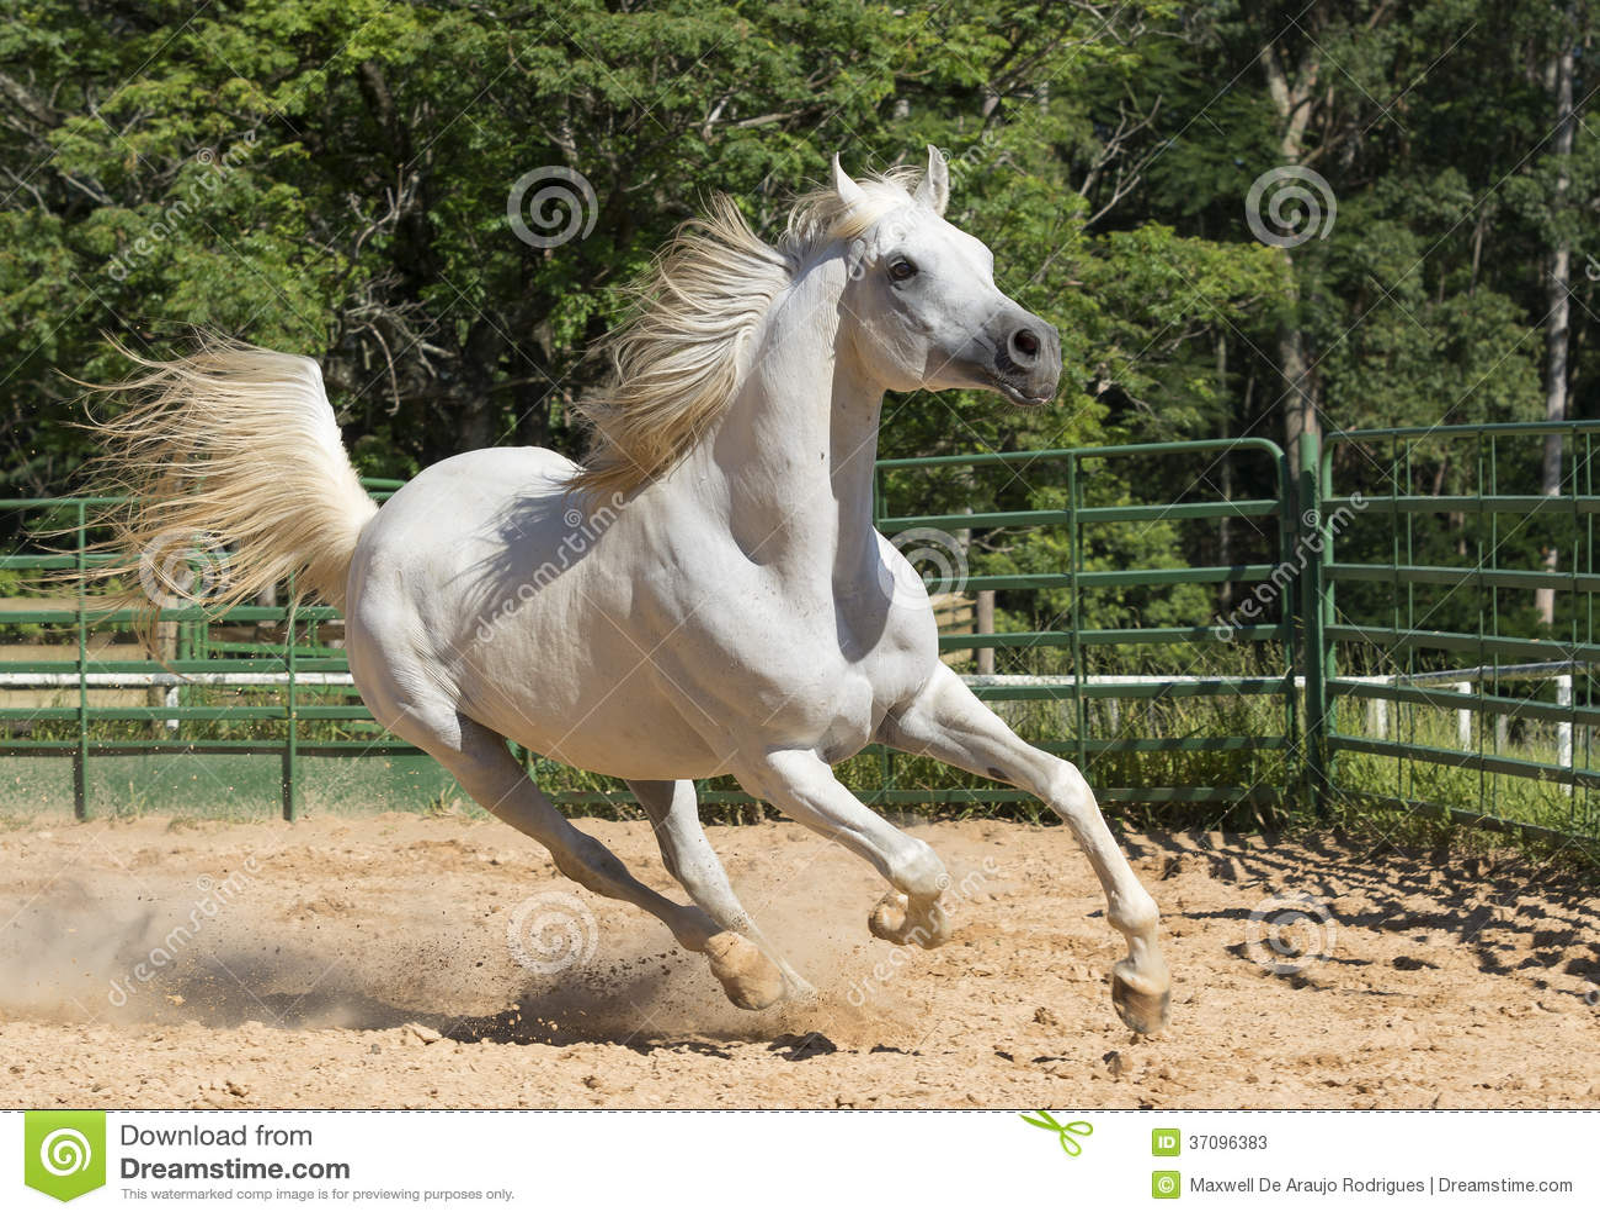 White Wild Horse Stock Photos - Image: 37096383